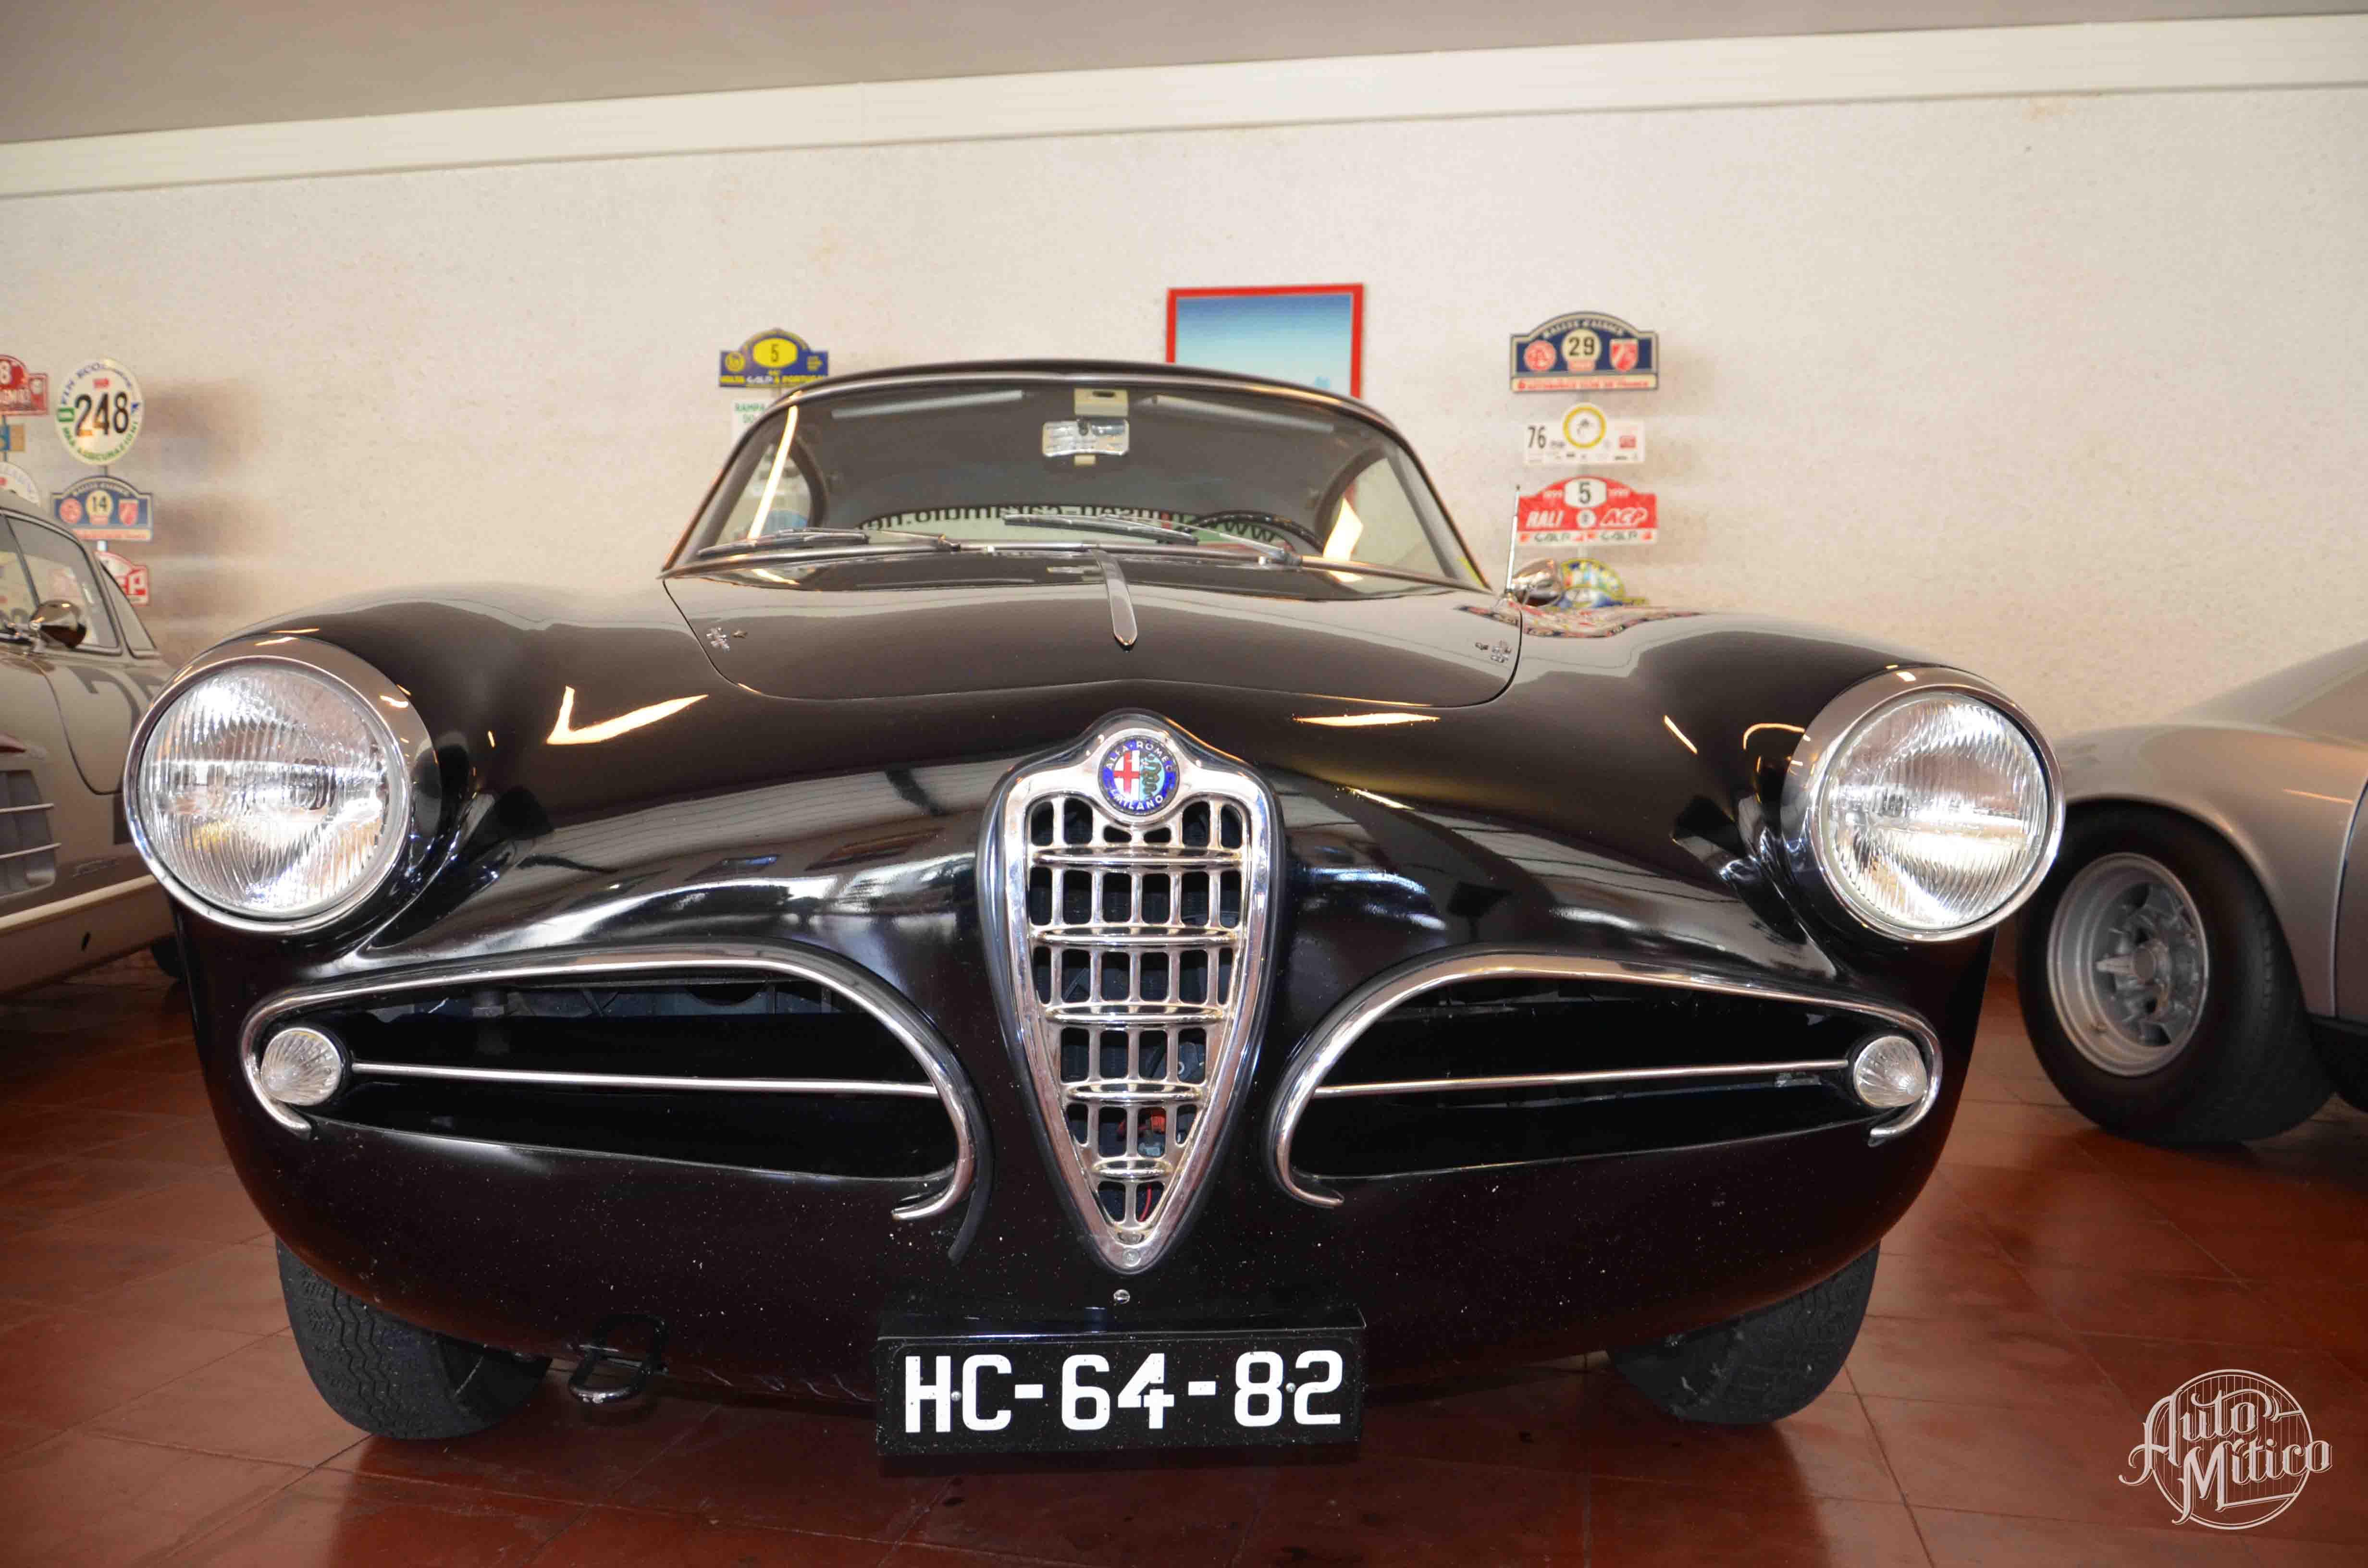 Automitico Caramulo Alfaromeo 1900 1956